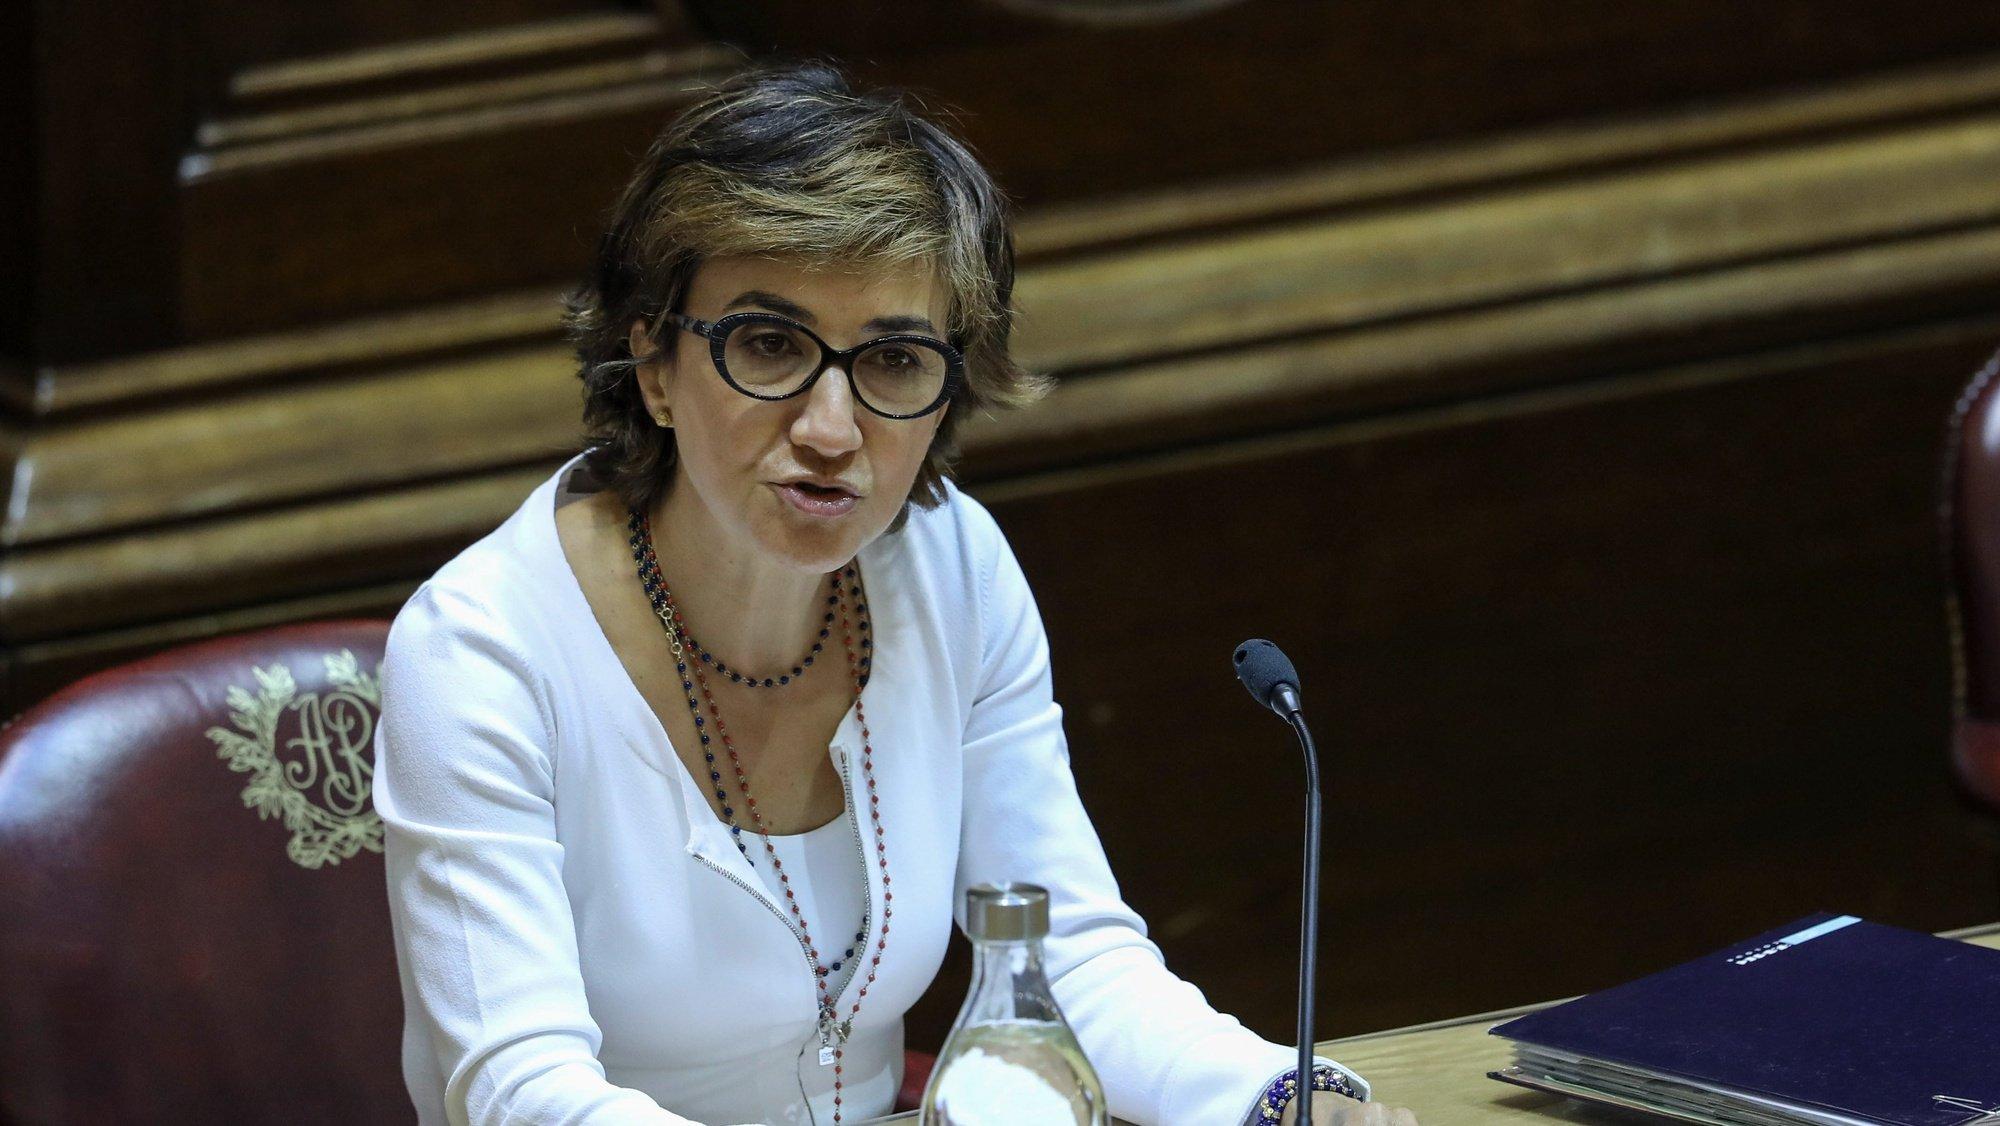 Ministra da Agricultura Maria do Céu Antunes ouvida na Comissão de Agricultura e Mar esta tarde na Assembleia da República em Lisboa, 7 de julho de 2021. MIGUEL A. LOPES/LUSA